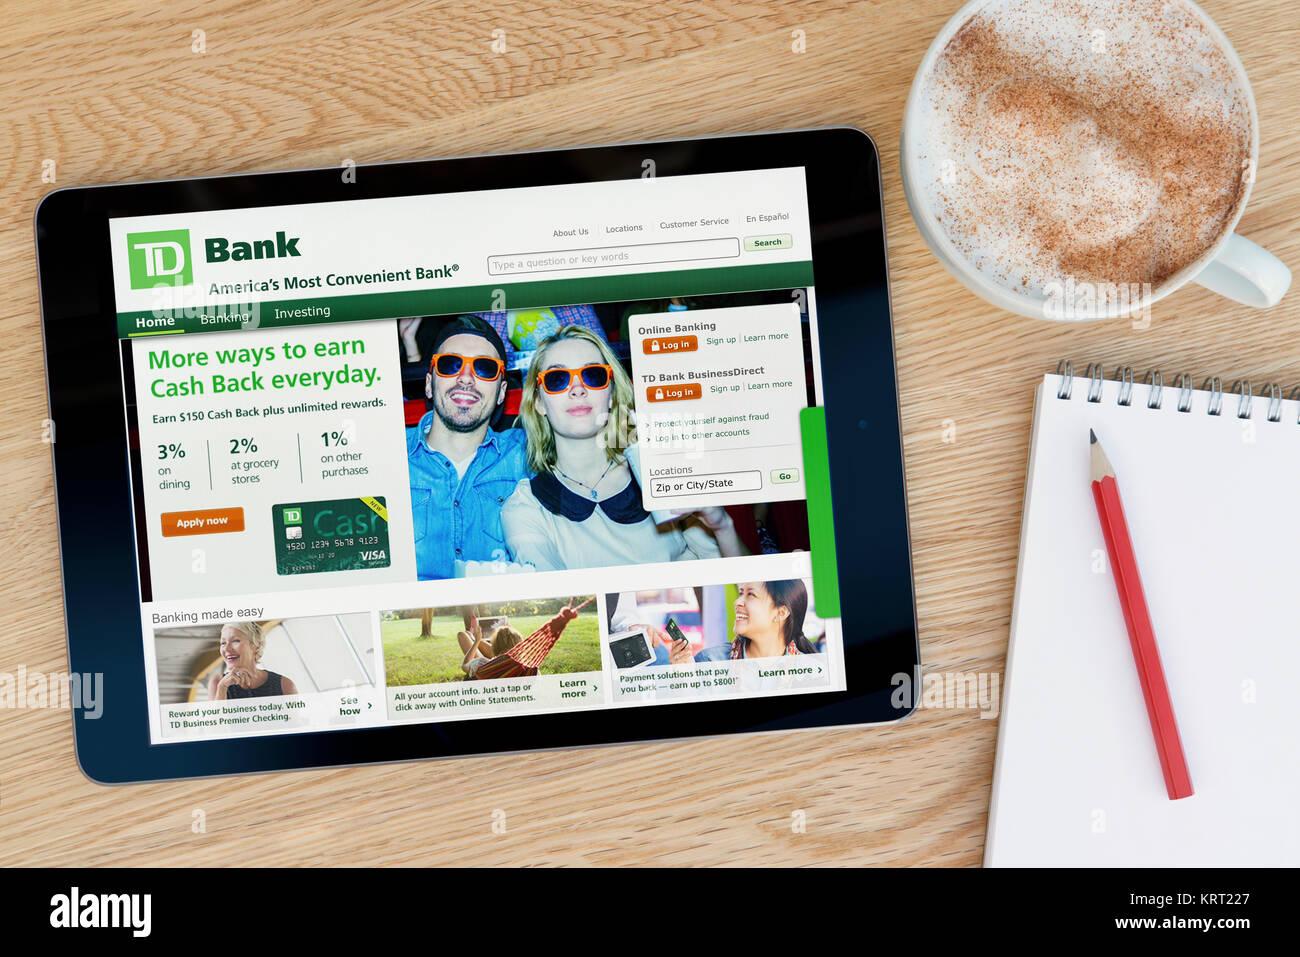 Td Bank Stock Photos & Td Bank Stock Images - Alamy